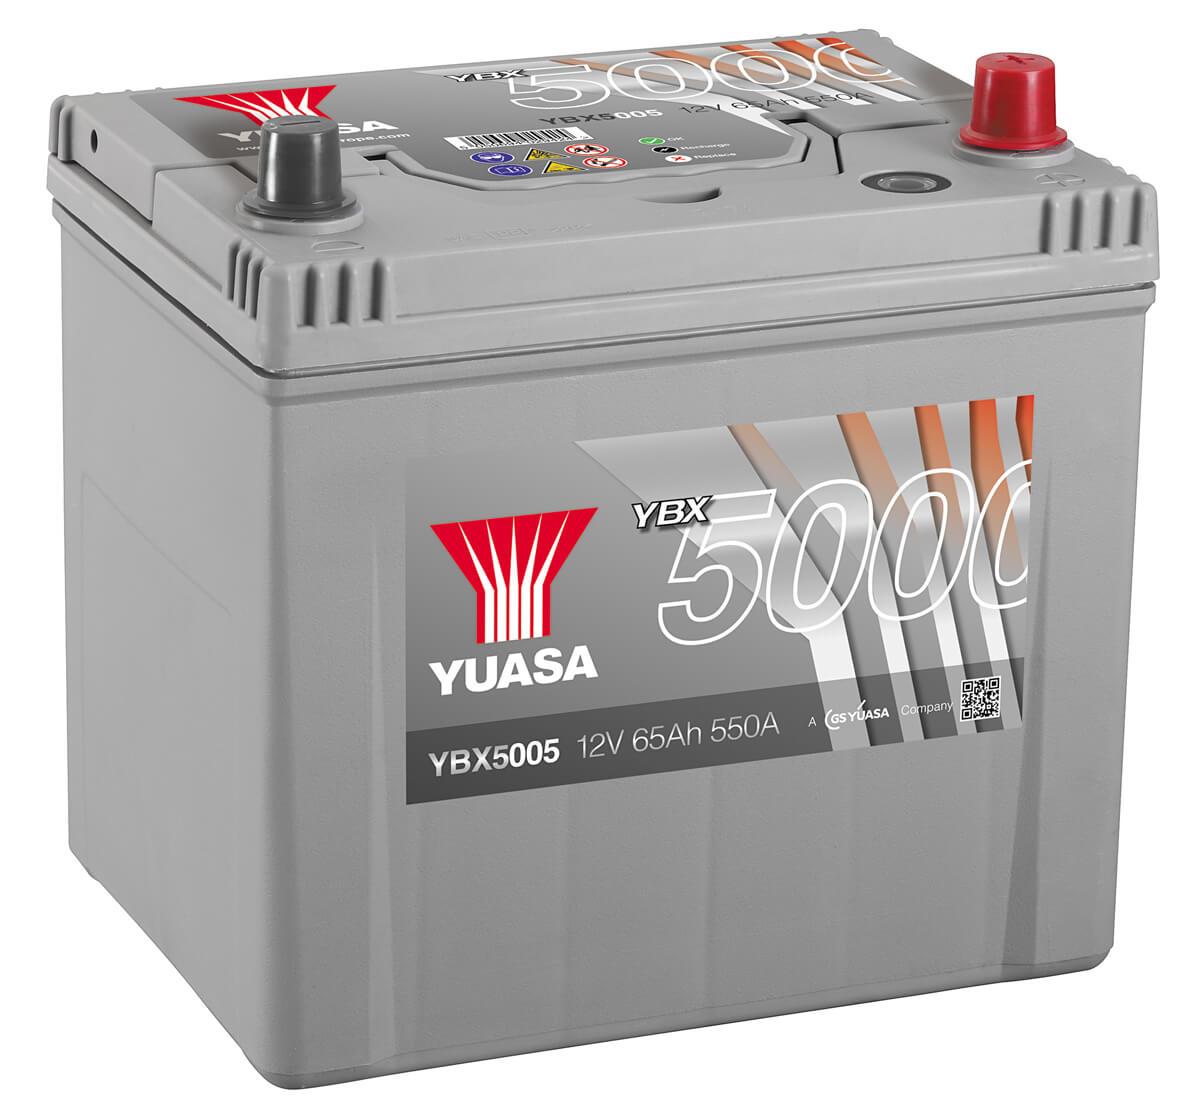 Yuasa Car Battery Indicator